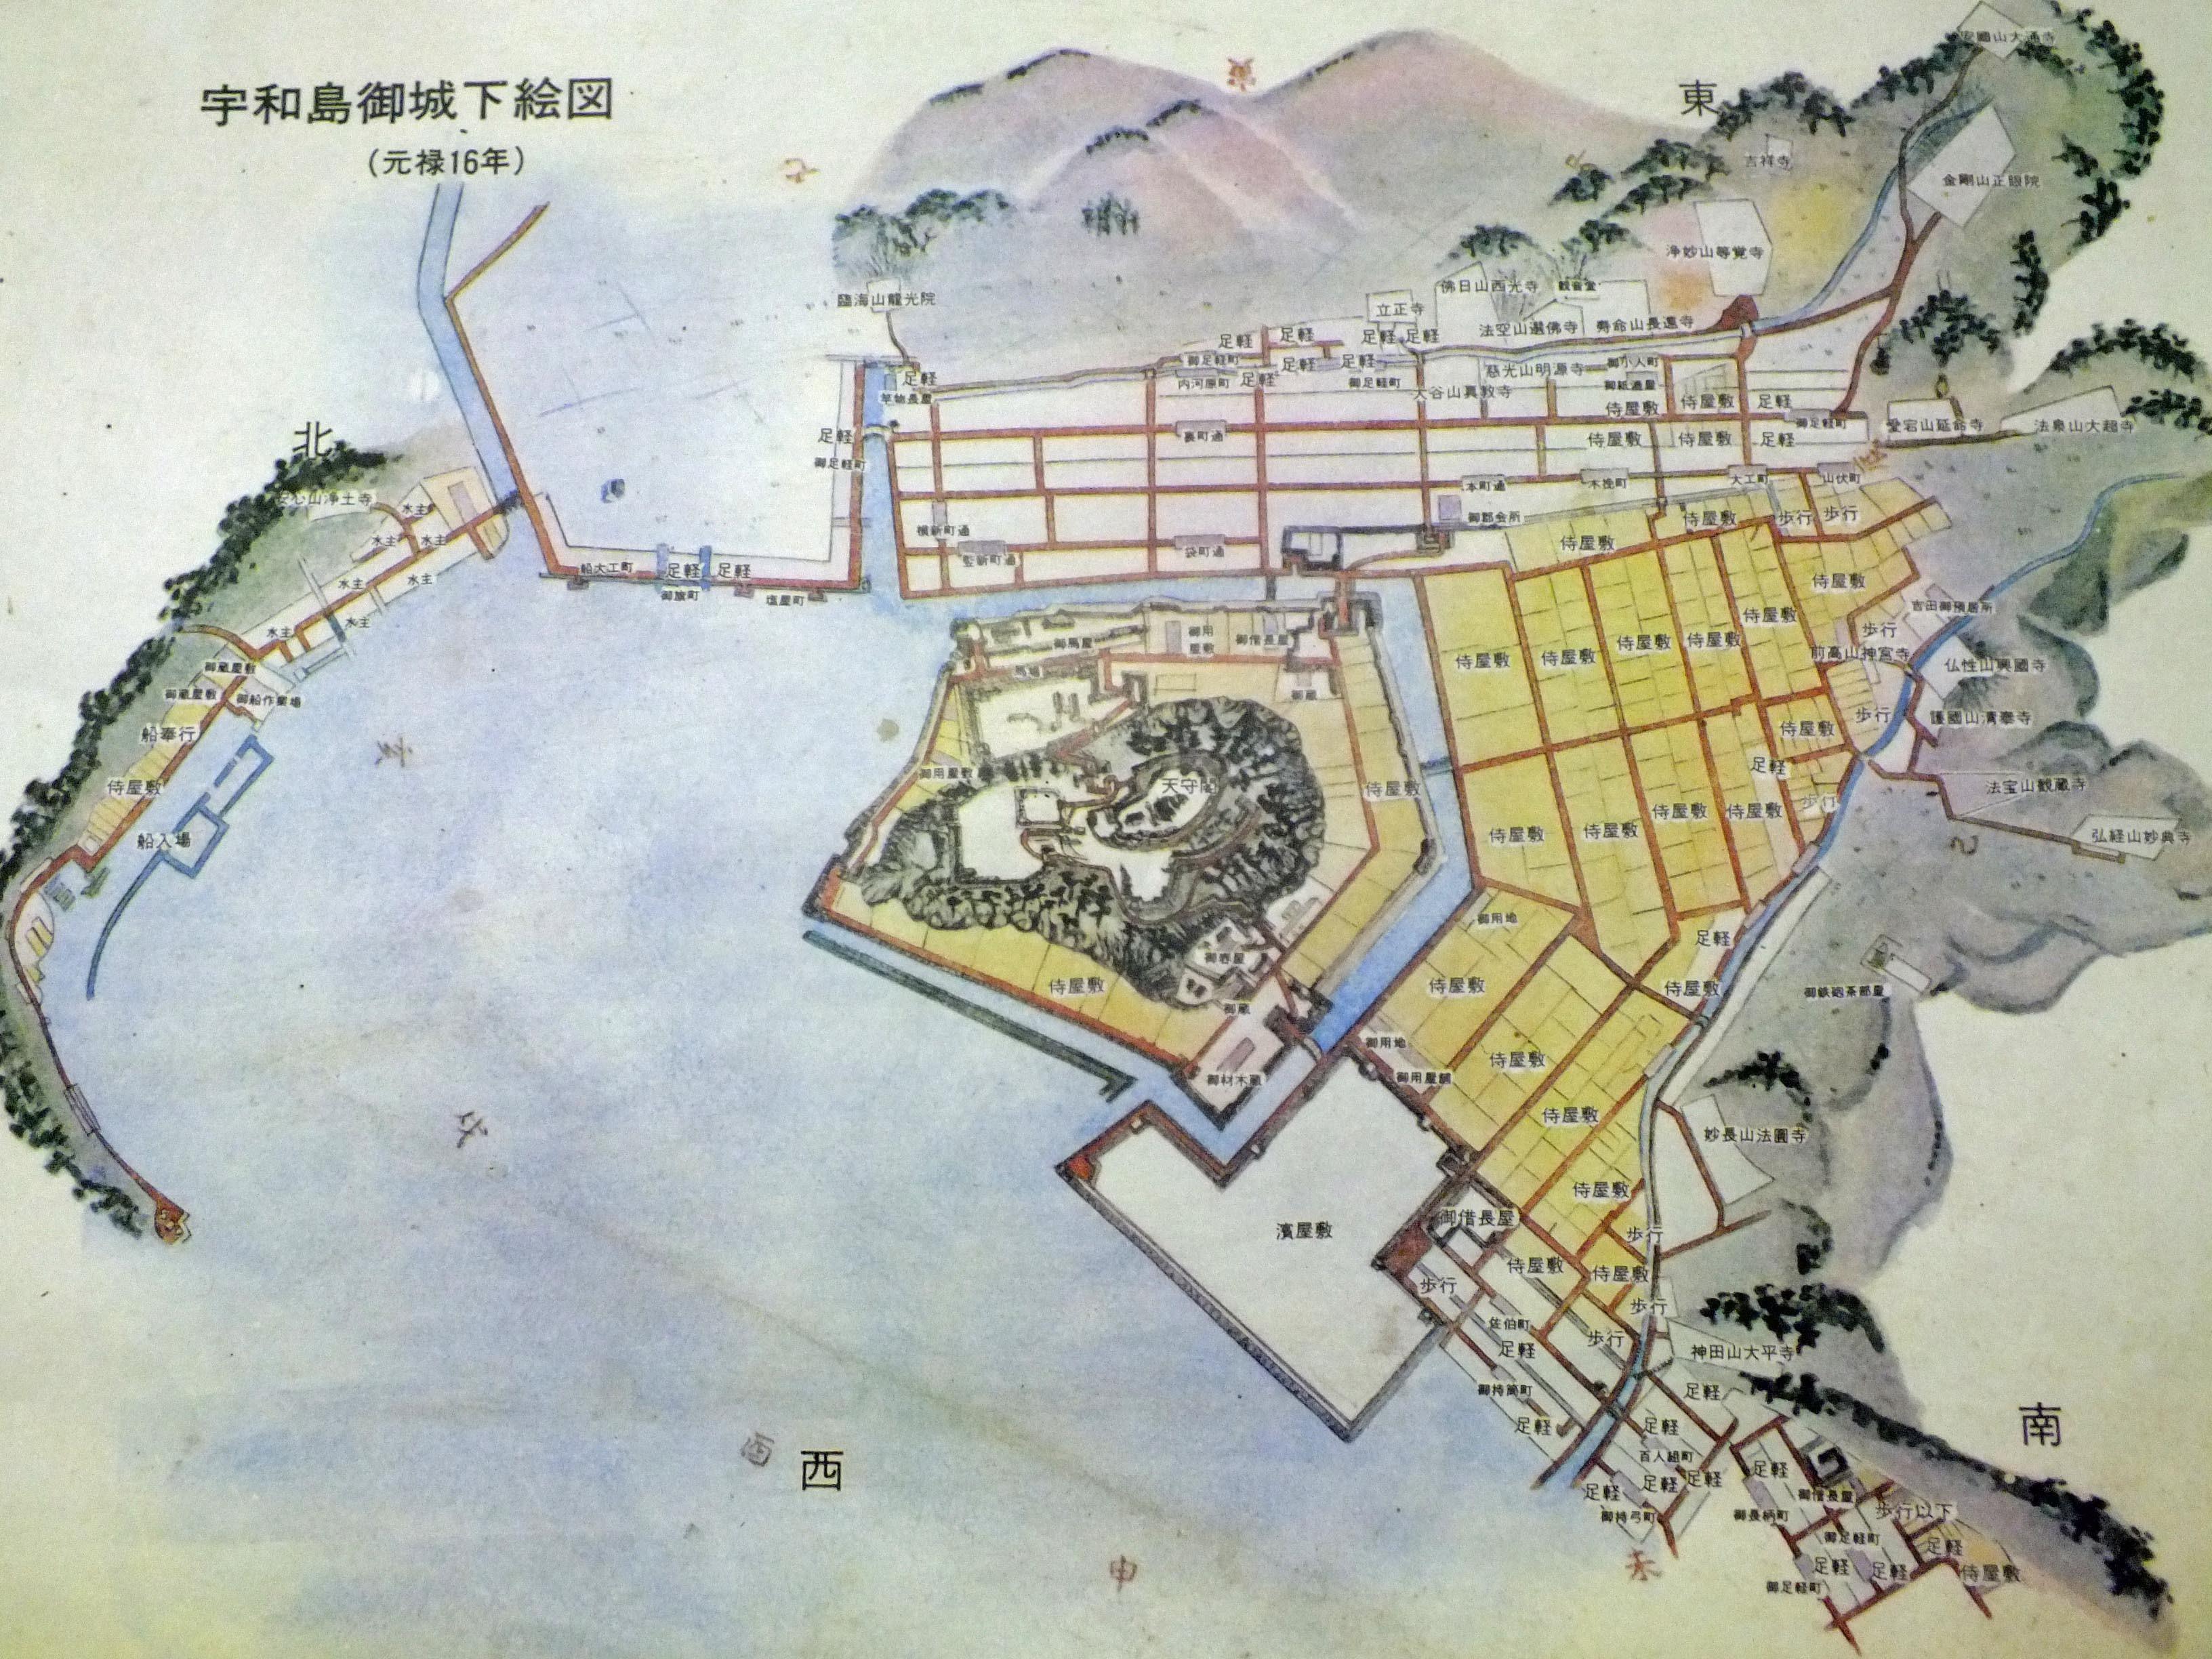 宇和島城 絵図現地説明板より